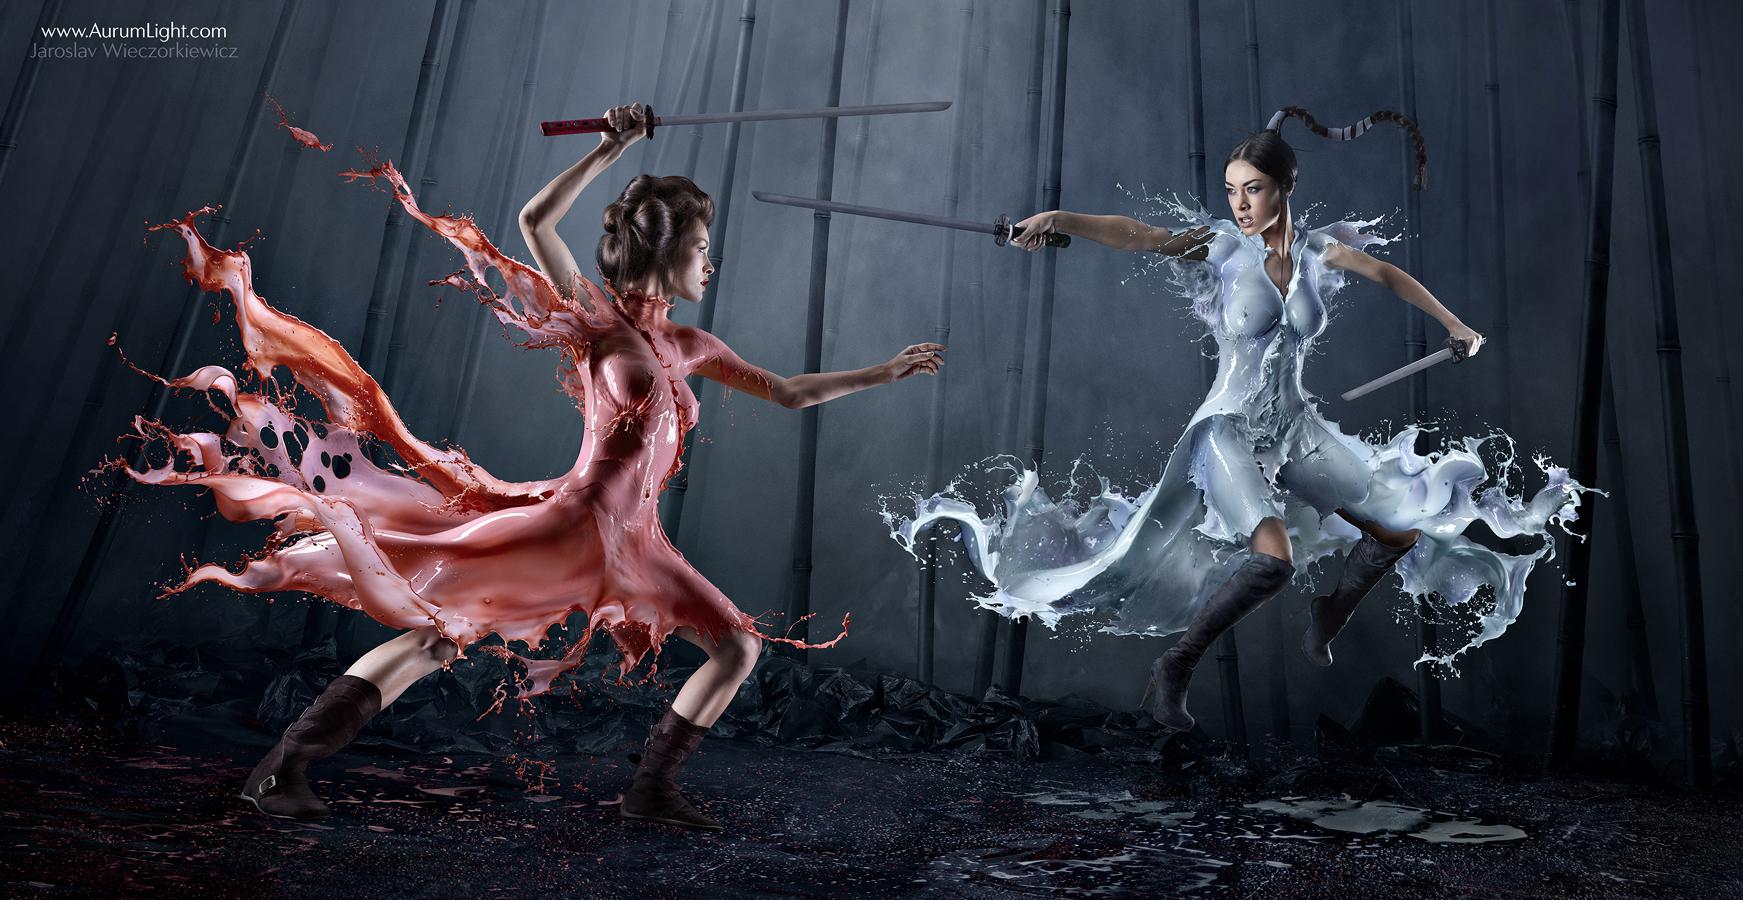 Milky Dress 1 Amazing Milky Dresses By Jaroslav Wieczorkiewicz